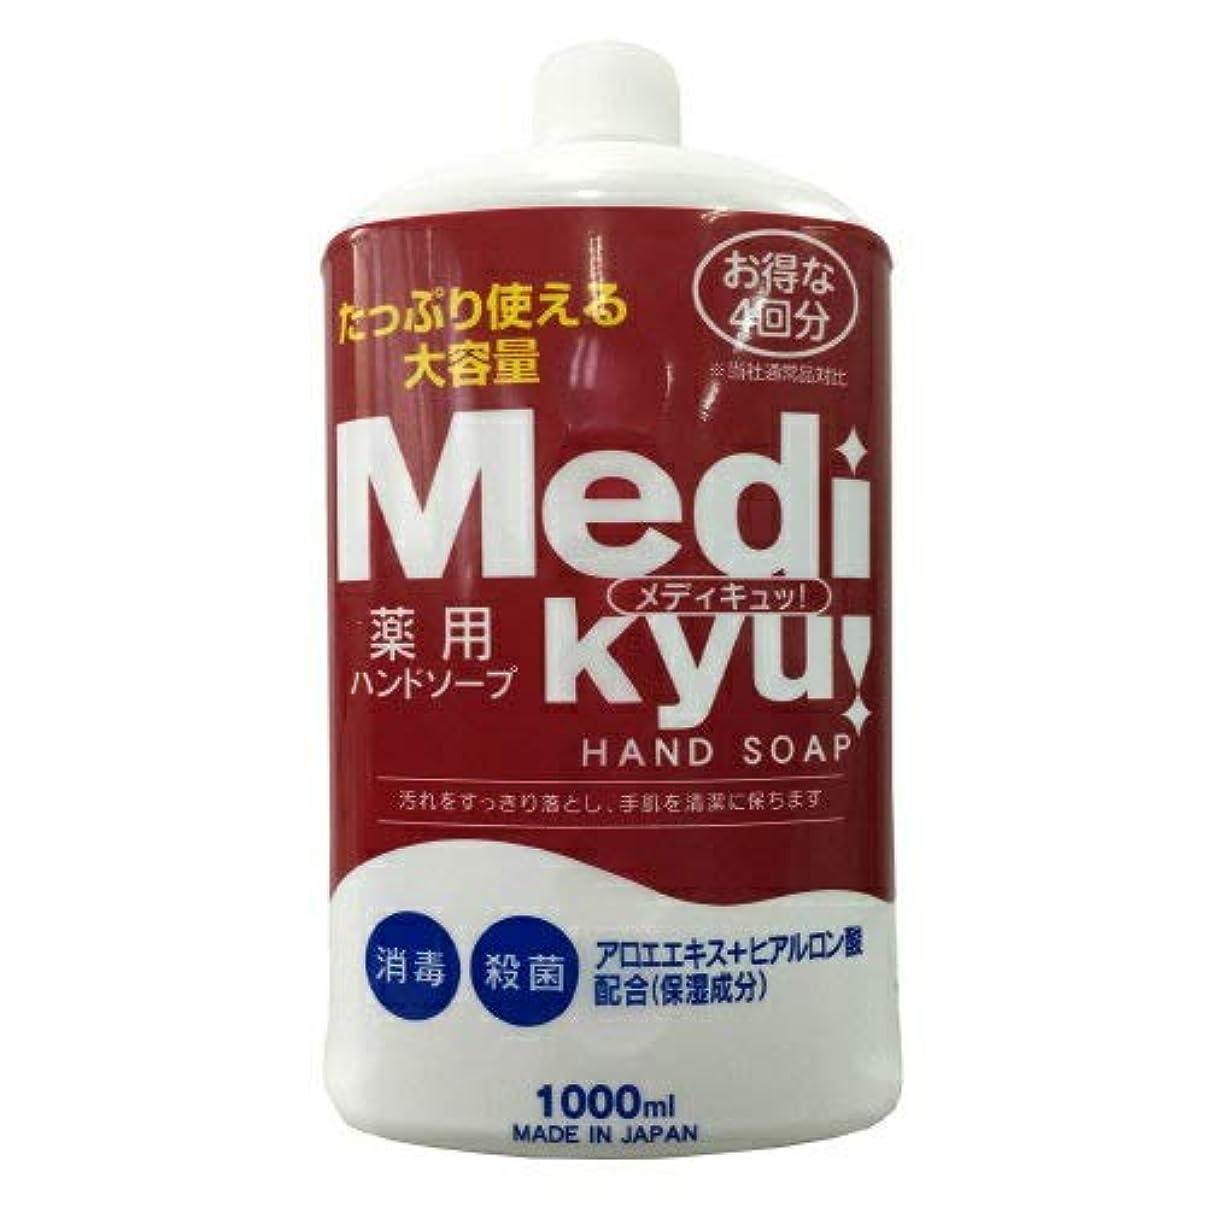 流産父方の正当化するロケット石鹸 メディキュッ! 薬用ハンドソープ 大型ボトル 詰替用 1000ml